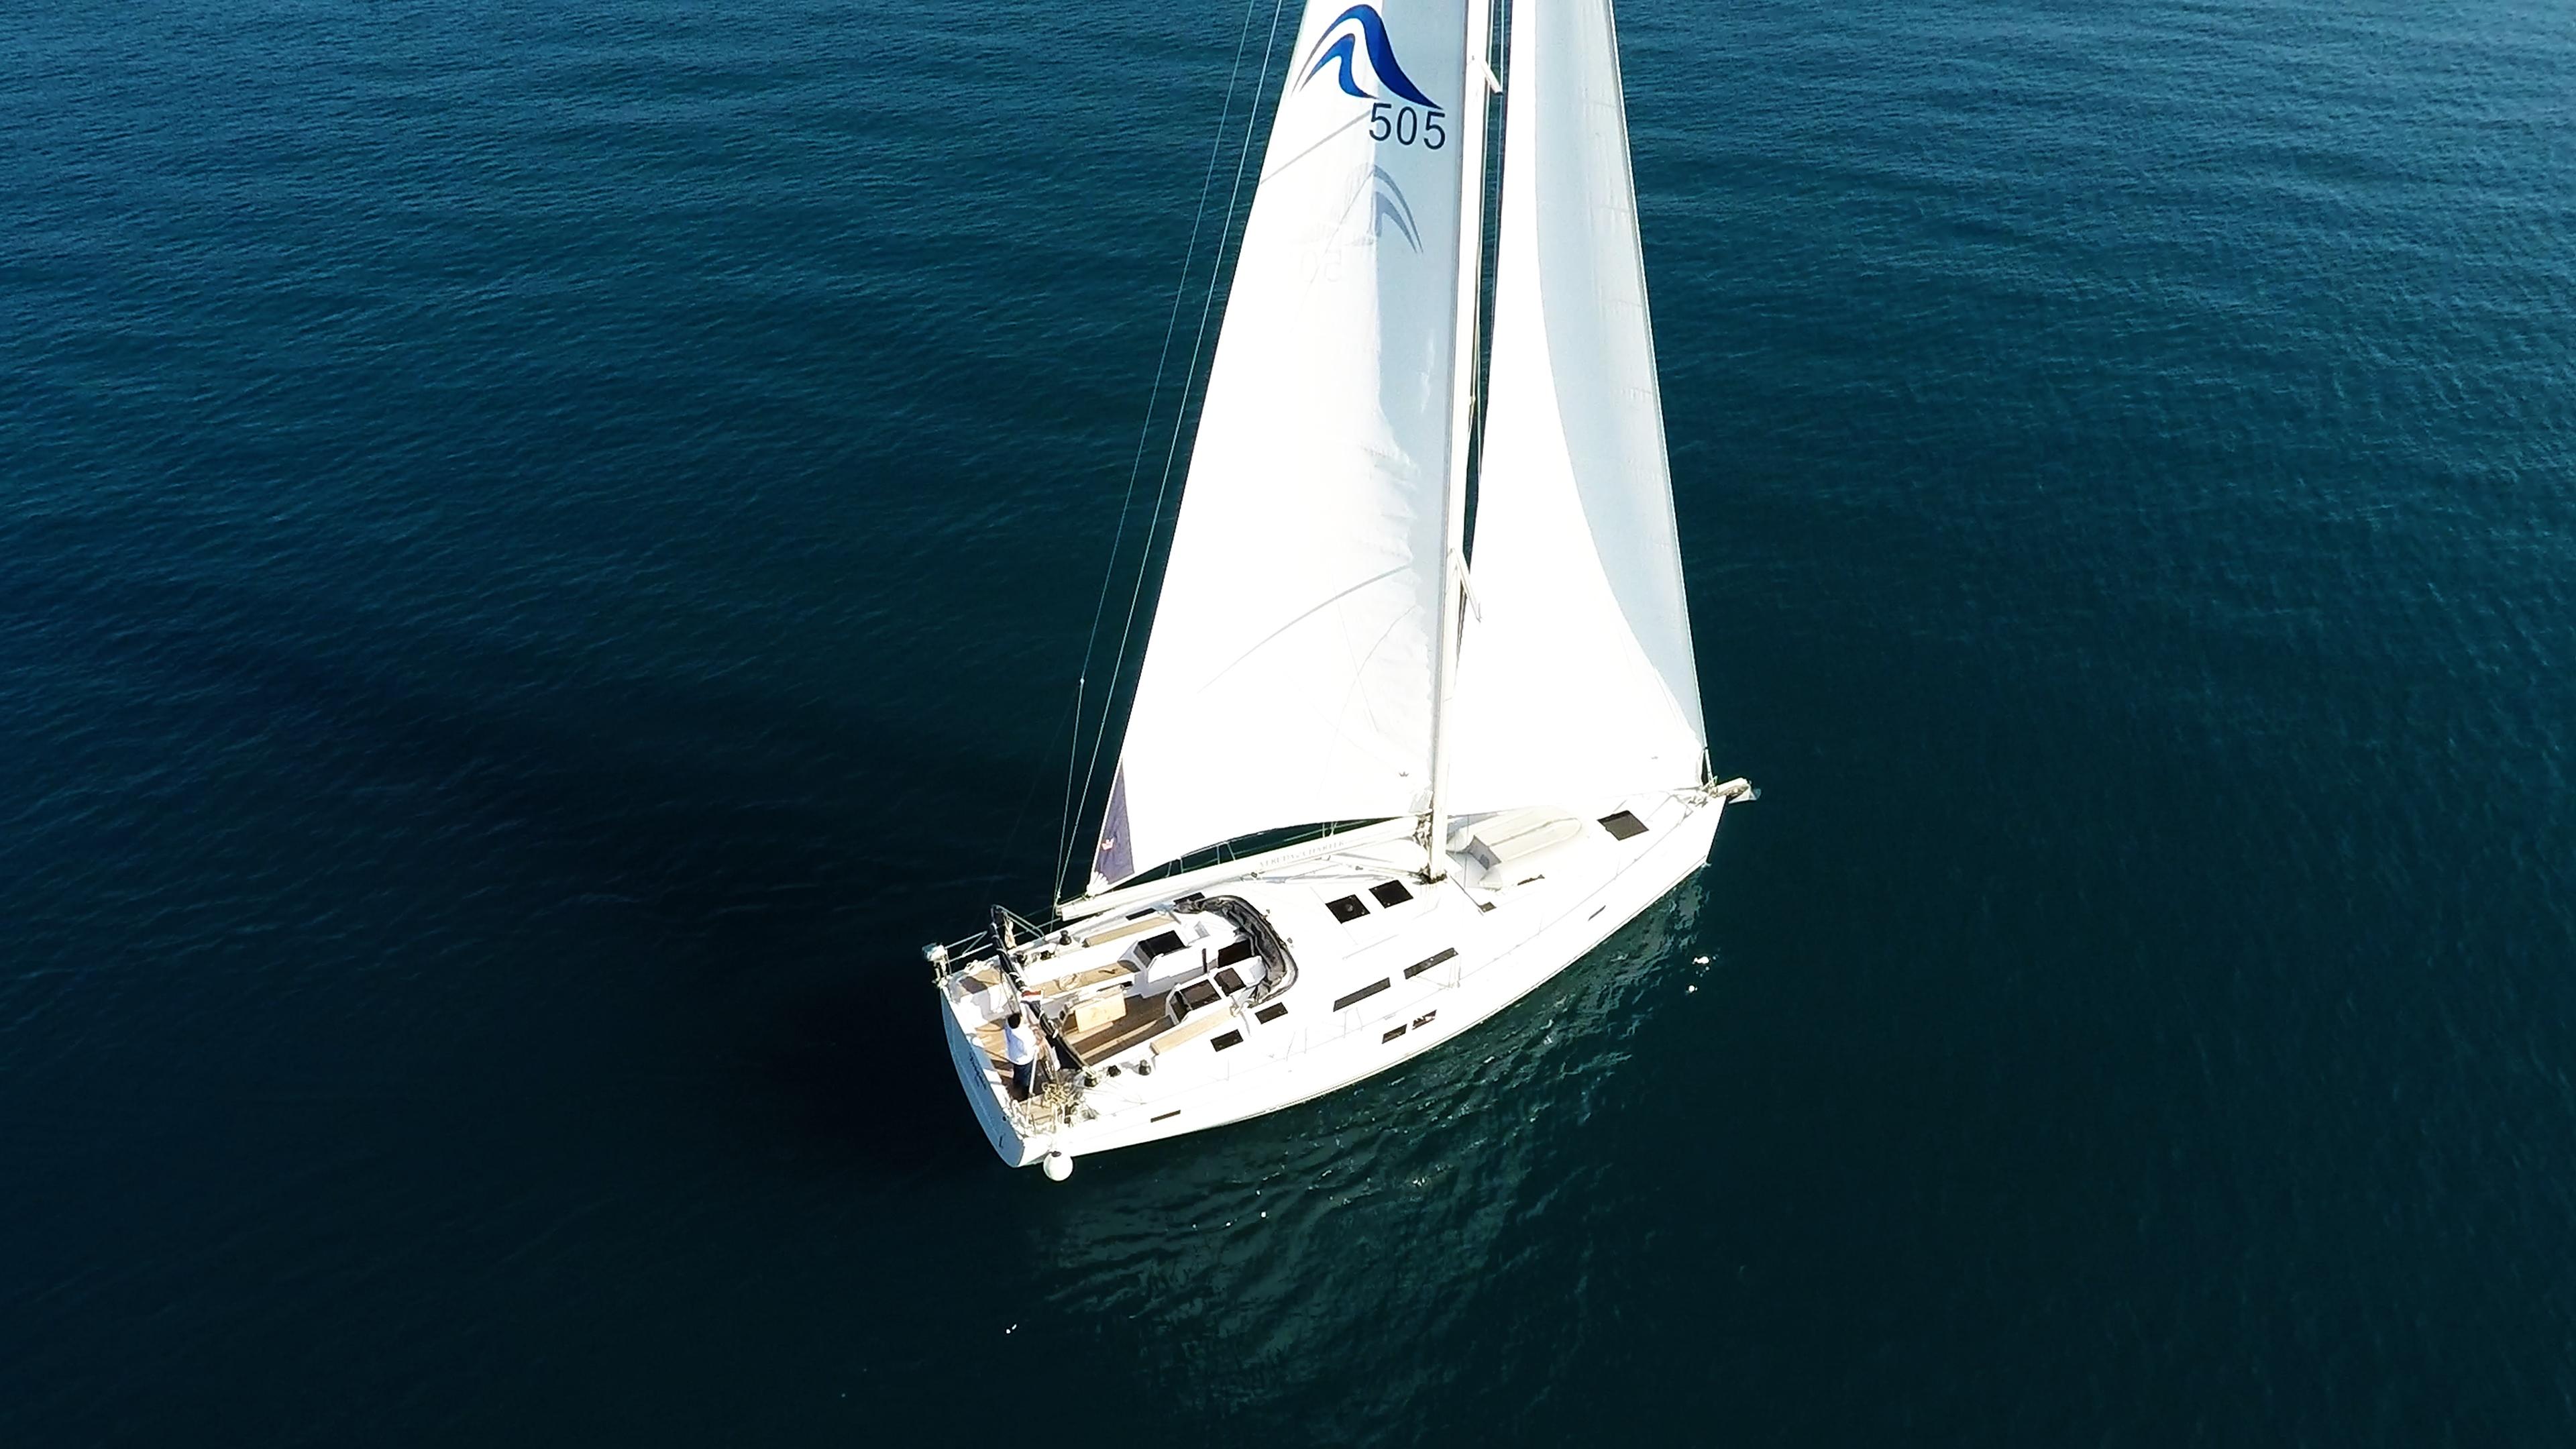 barcha a vela Hanse 505 barca a vela 1